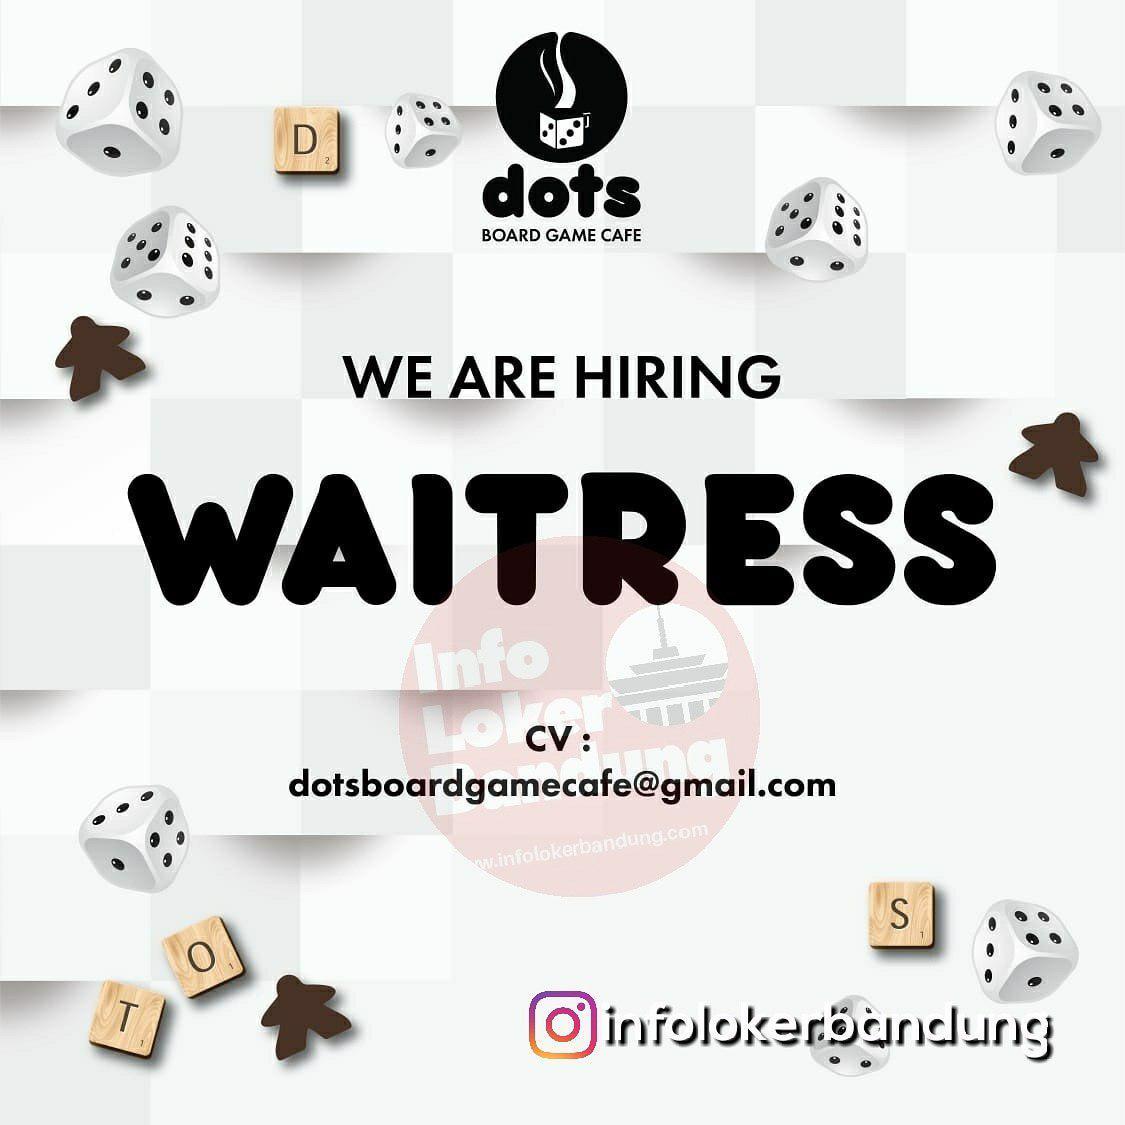 Lowongan Kerja Waitress Dots Board Cafe Bandung Januari 2019